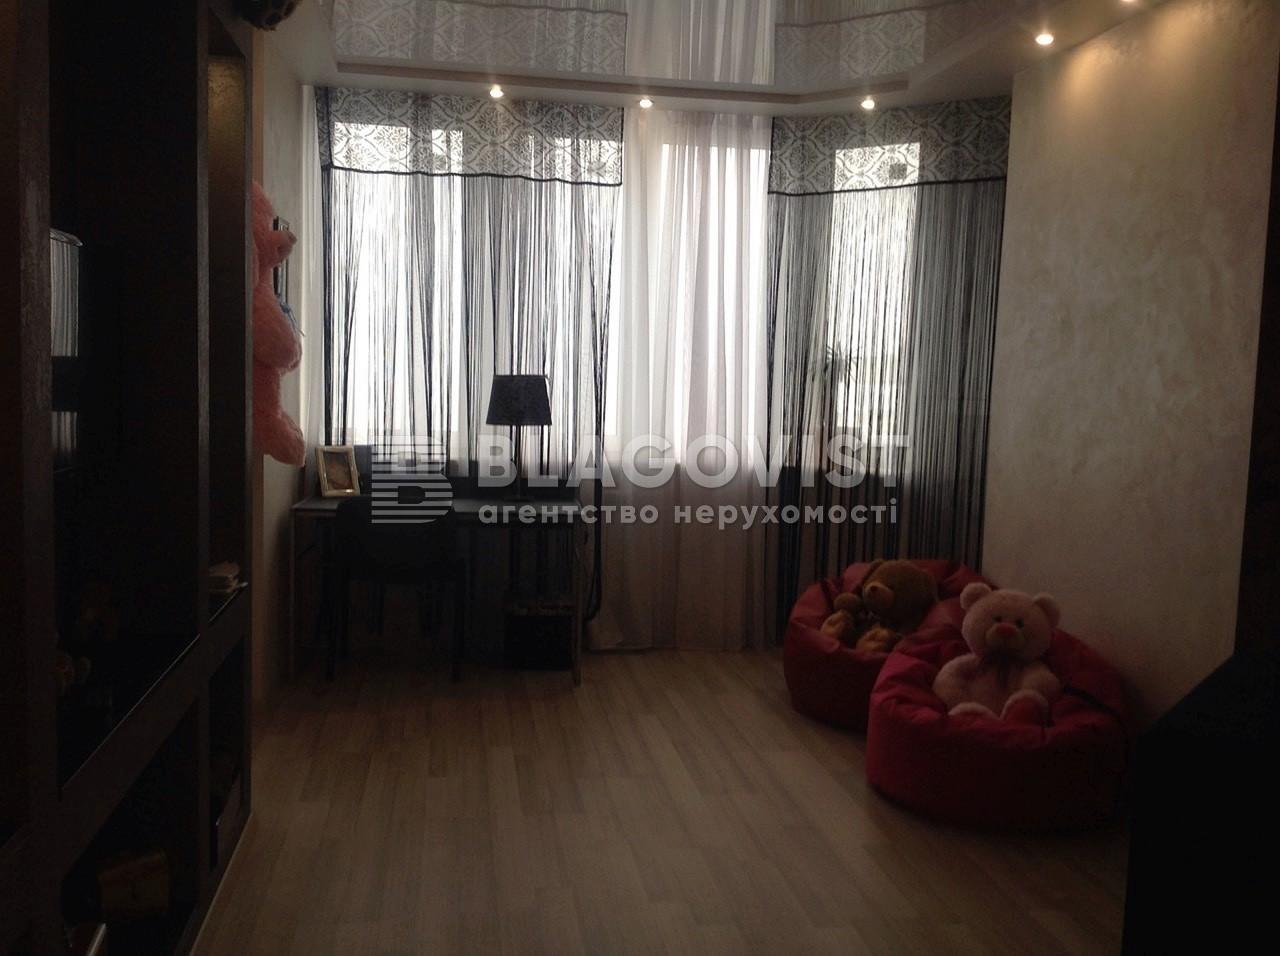 Квартира Z-742202, Княжий Затон, 21, Киев - Фото 14